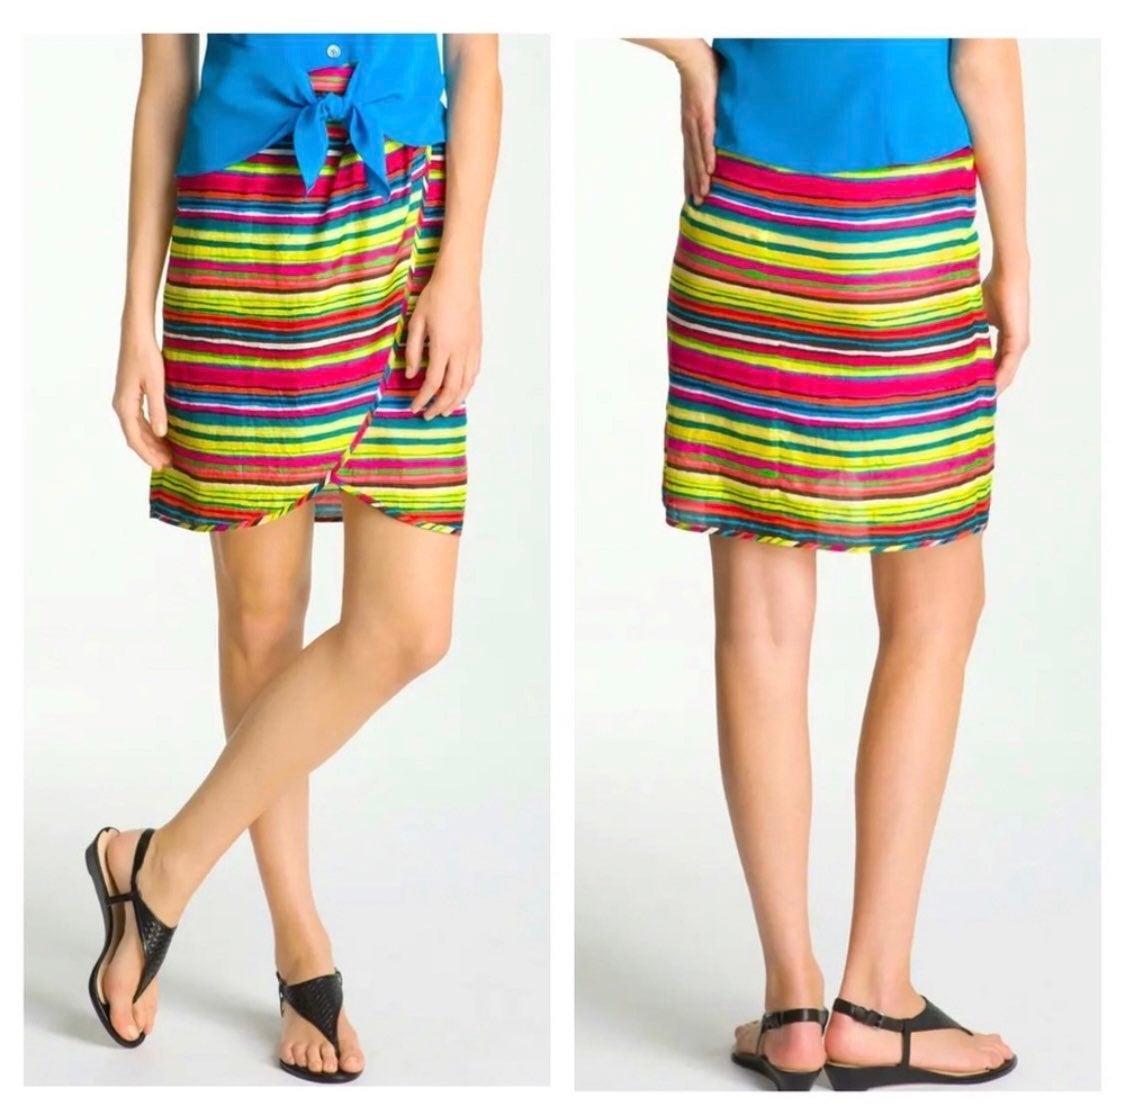 Nanette Lepore Senorita Skirt